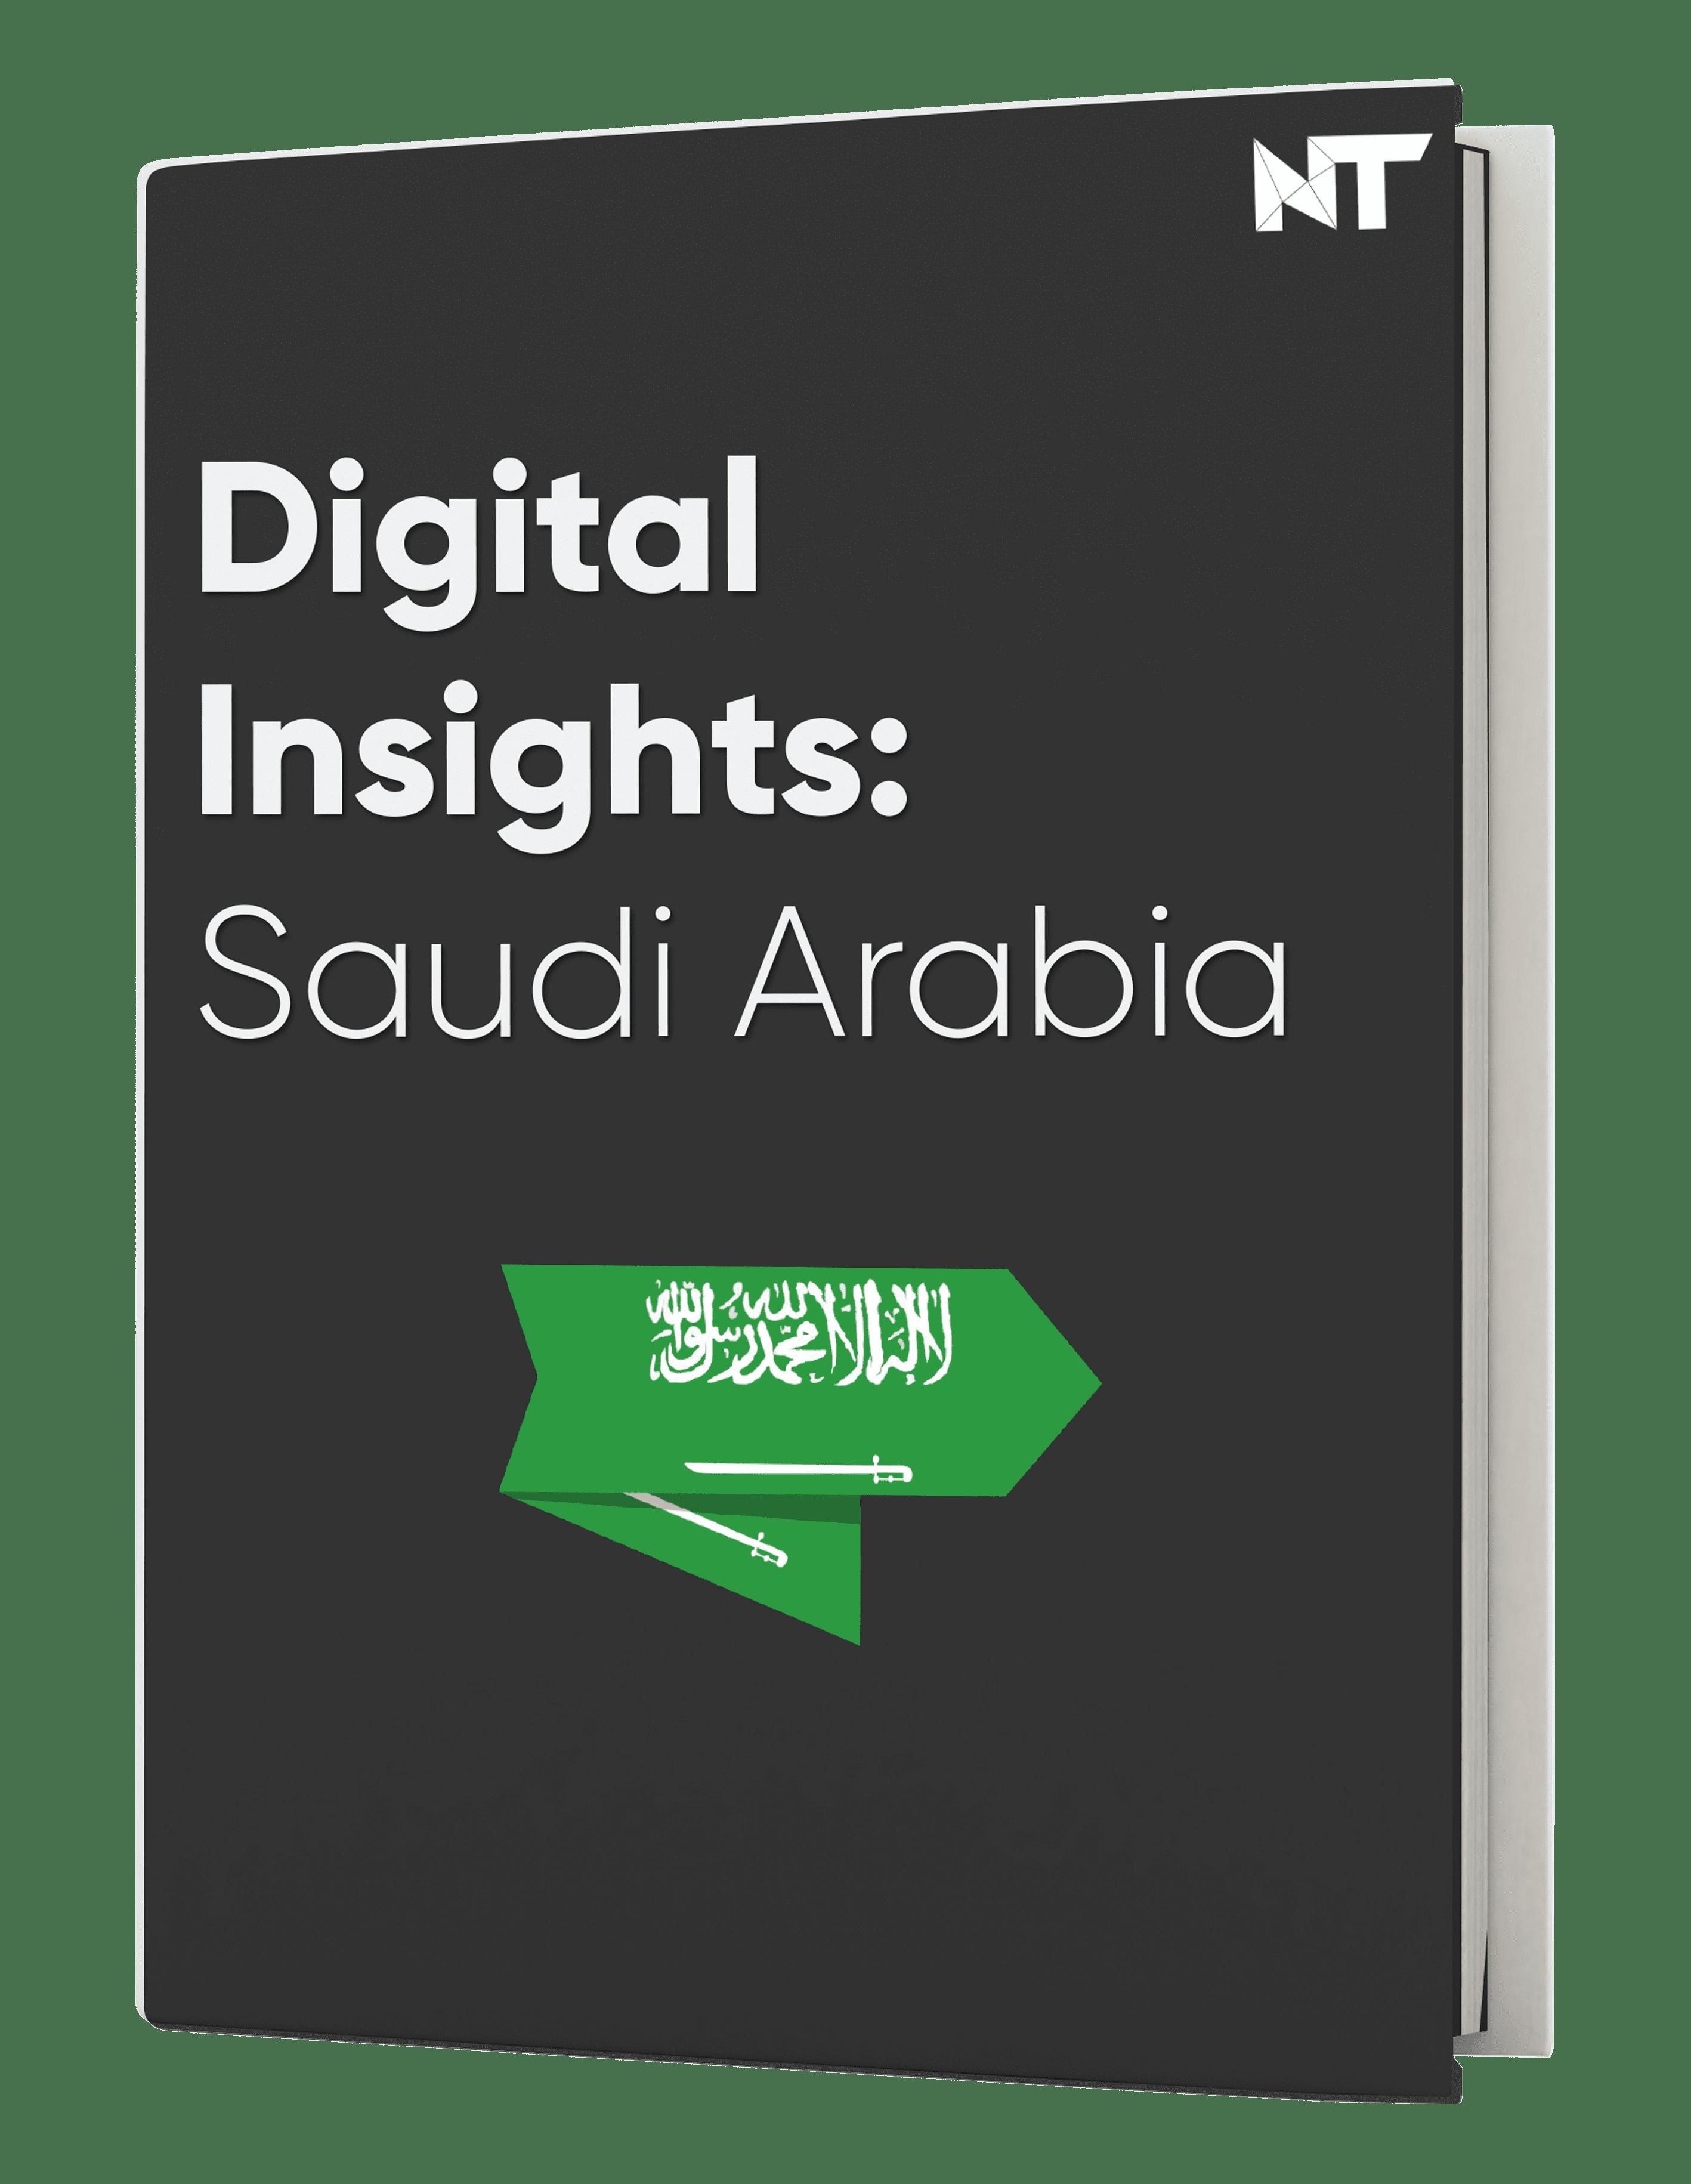 Digital Insights: Saudi Arabia